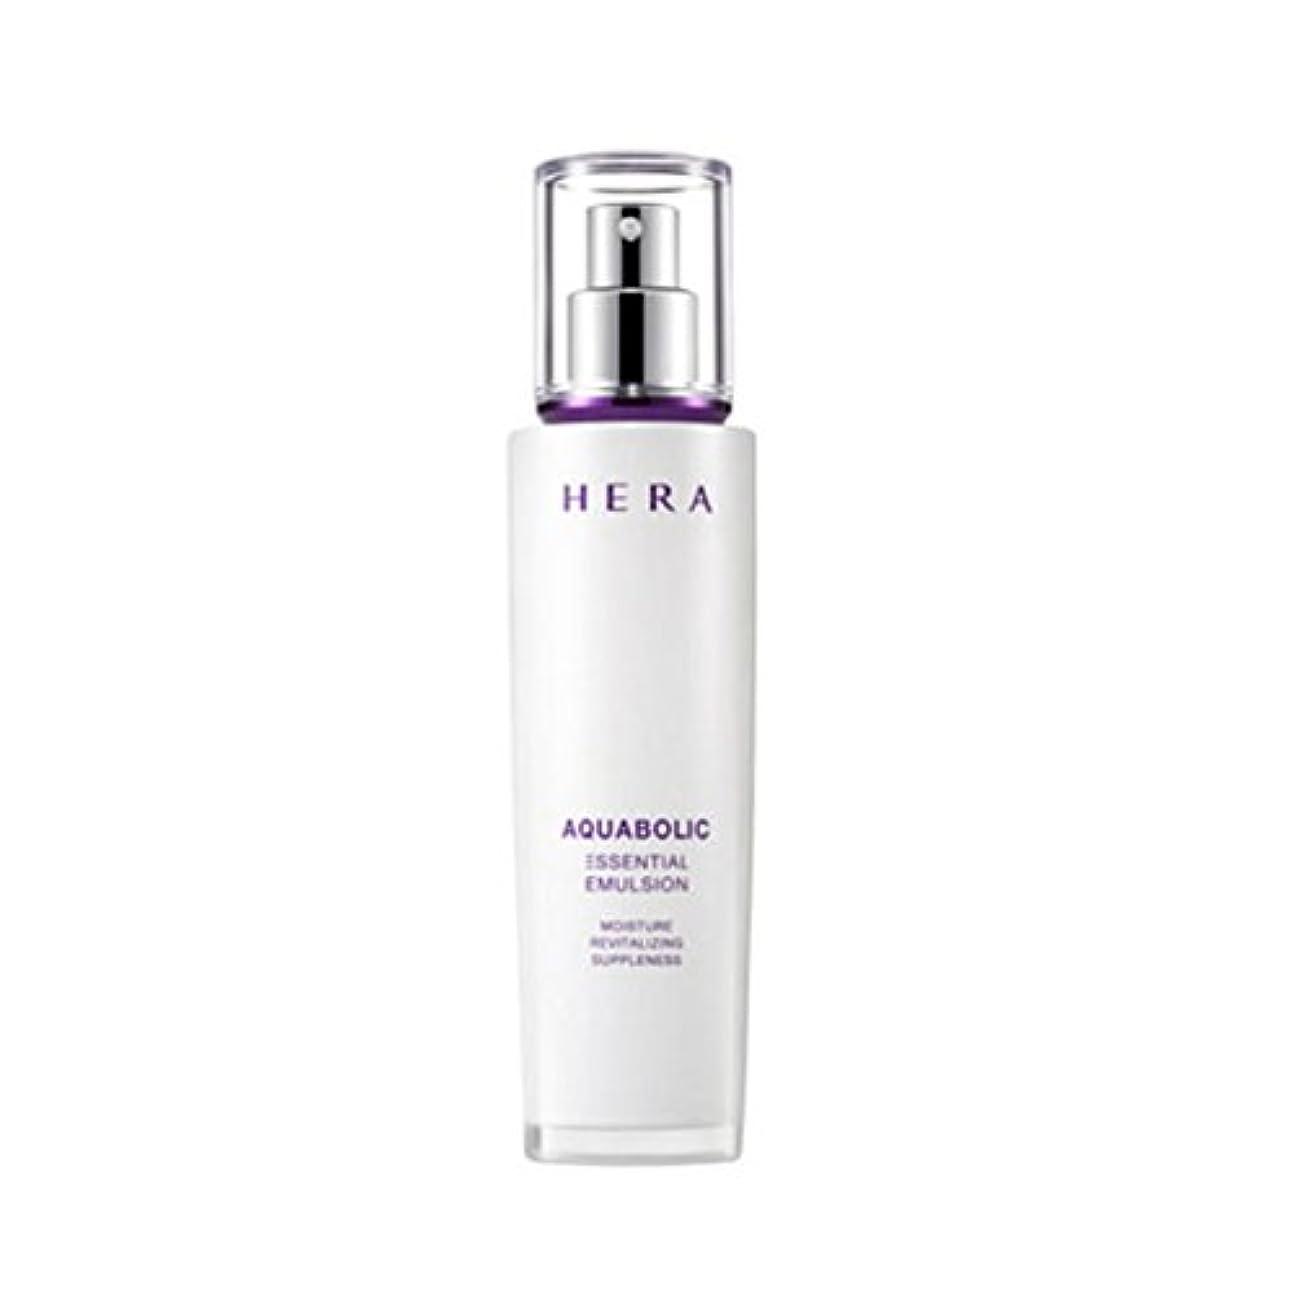 前提条件かけるビジュアル(ヘラ) HERA アクアボリックエッセンシャル エマルジョン 120ml / Aquabolic Essential Emulsion 120ml (韓国直輸入)